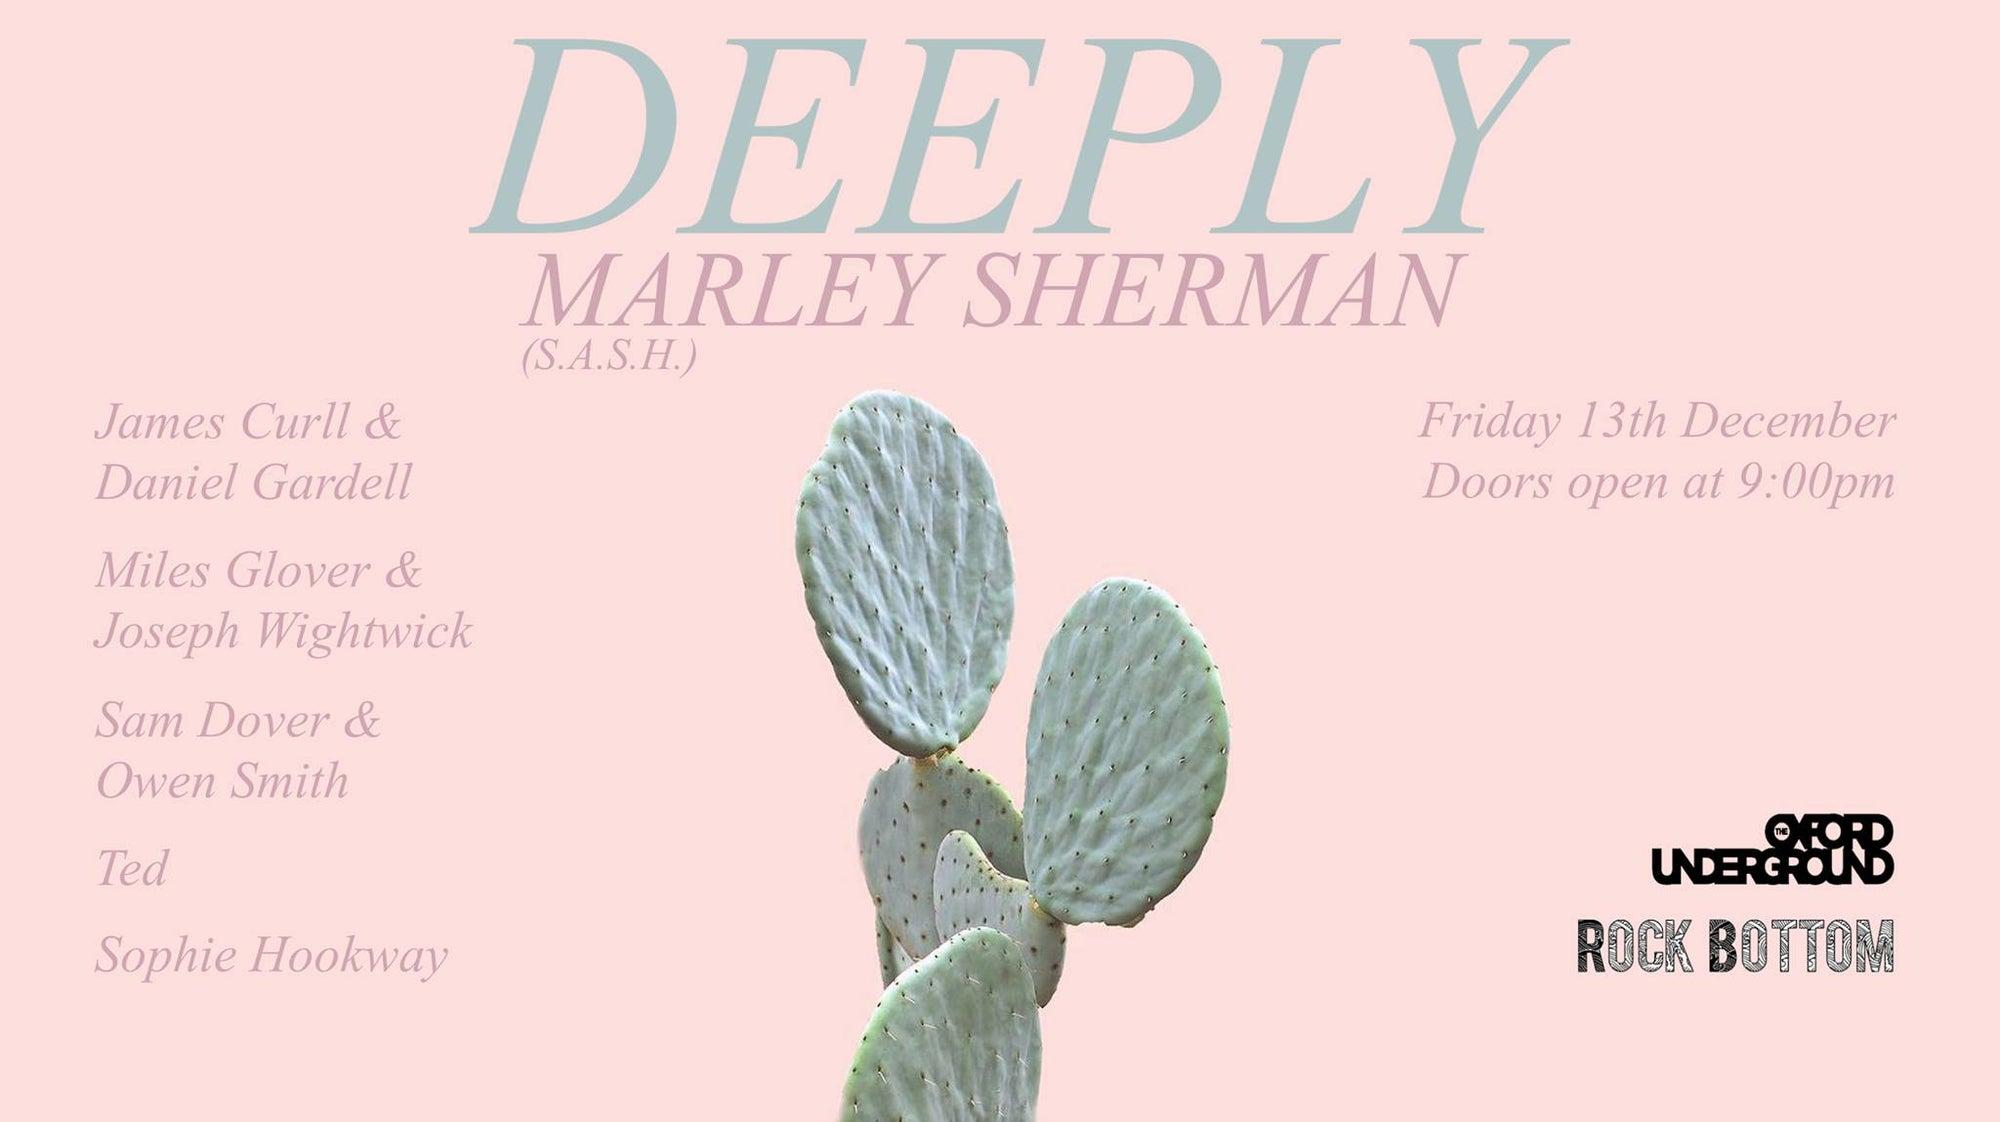 Marley Sherman SASH Rock Bottom Events - Sydney